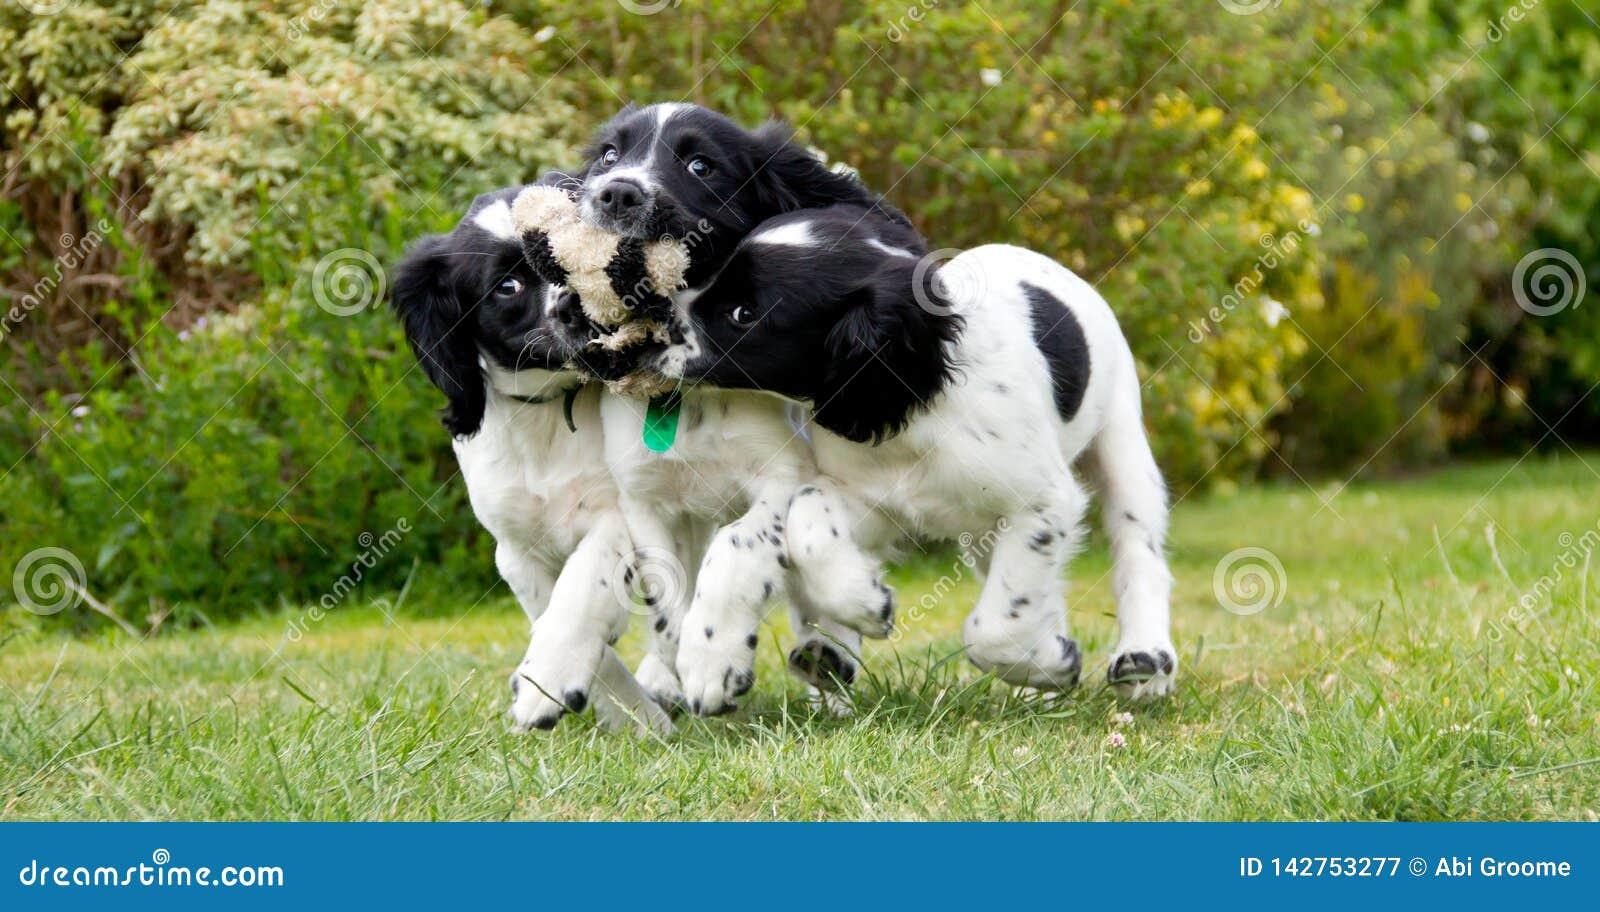 Recreio do cachorrinho, três irmãs jogam com um brinquedo quebrado